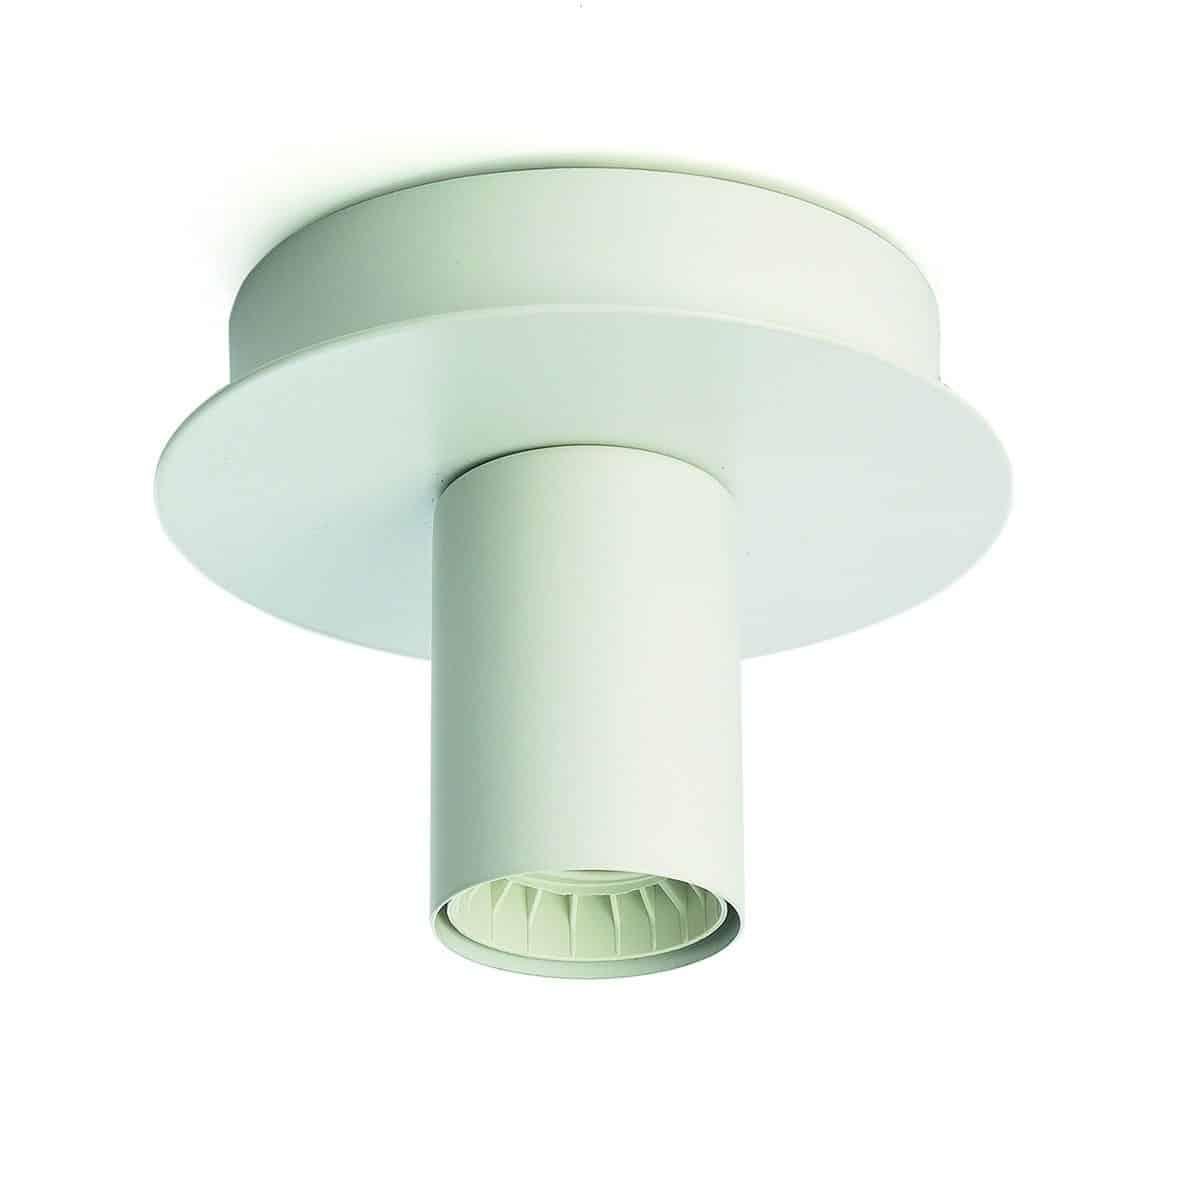 Φωτιστικό οροφής λευκό 6248B perenz